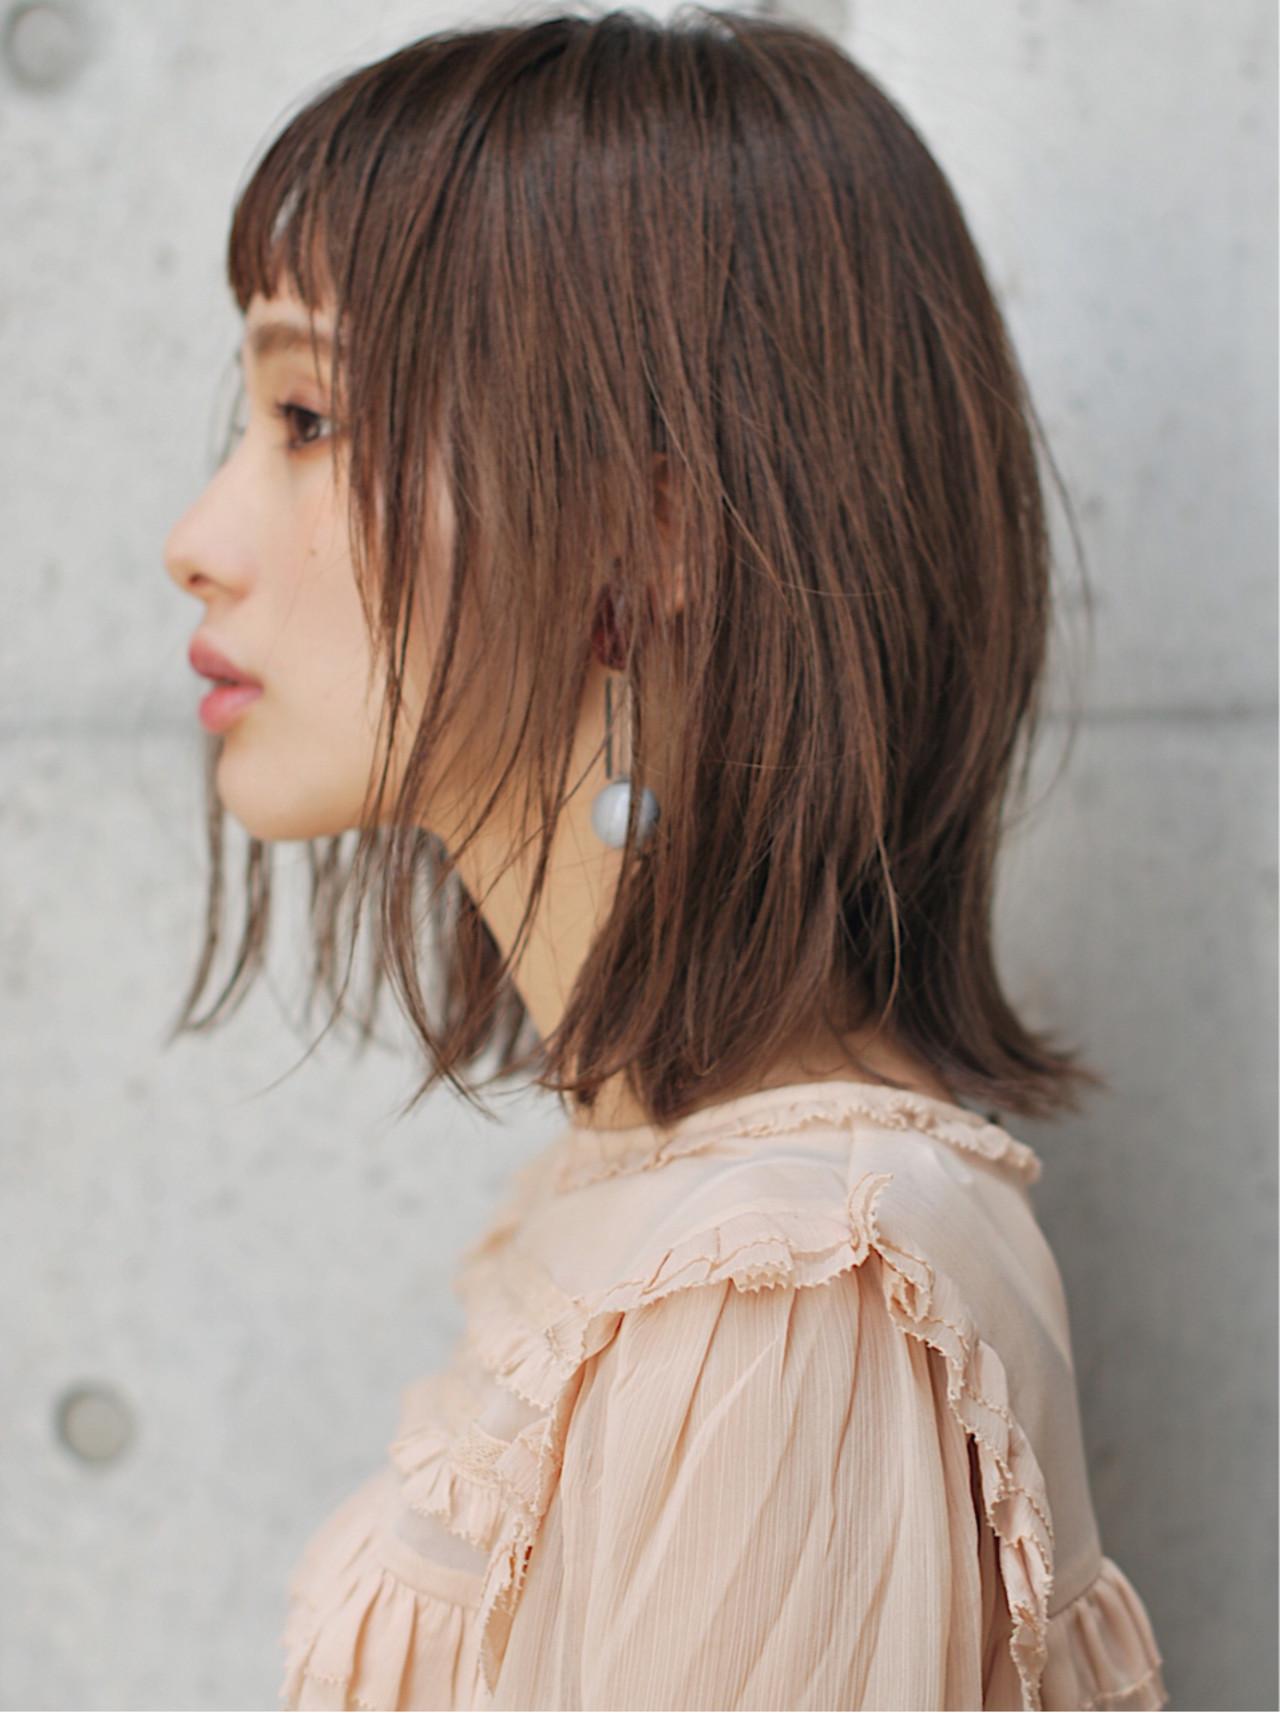 ミルクティーベージュ 透明感 ロブ ナチュラルヘアスタイルや髪型の写真・画像